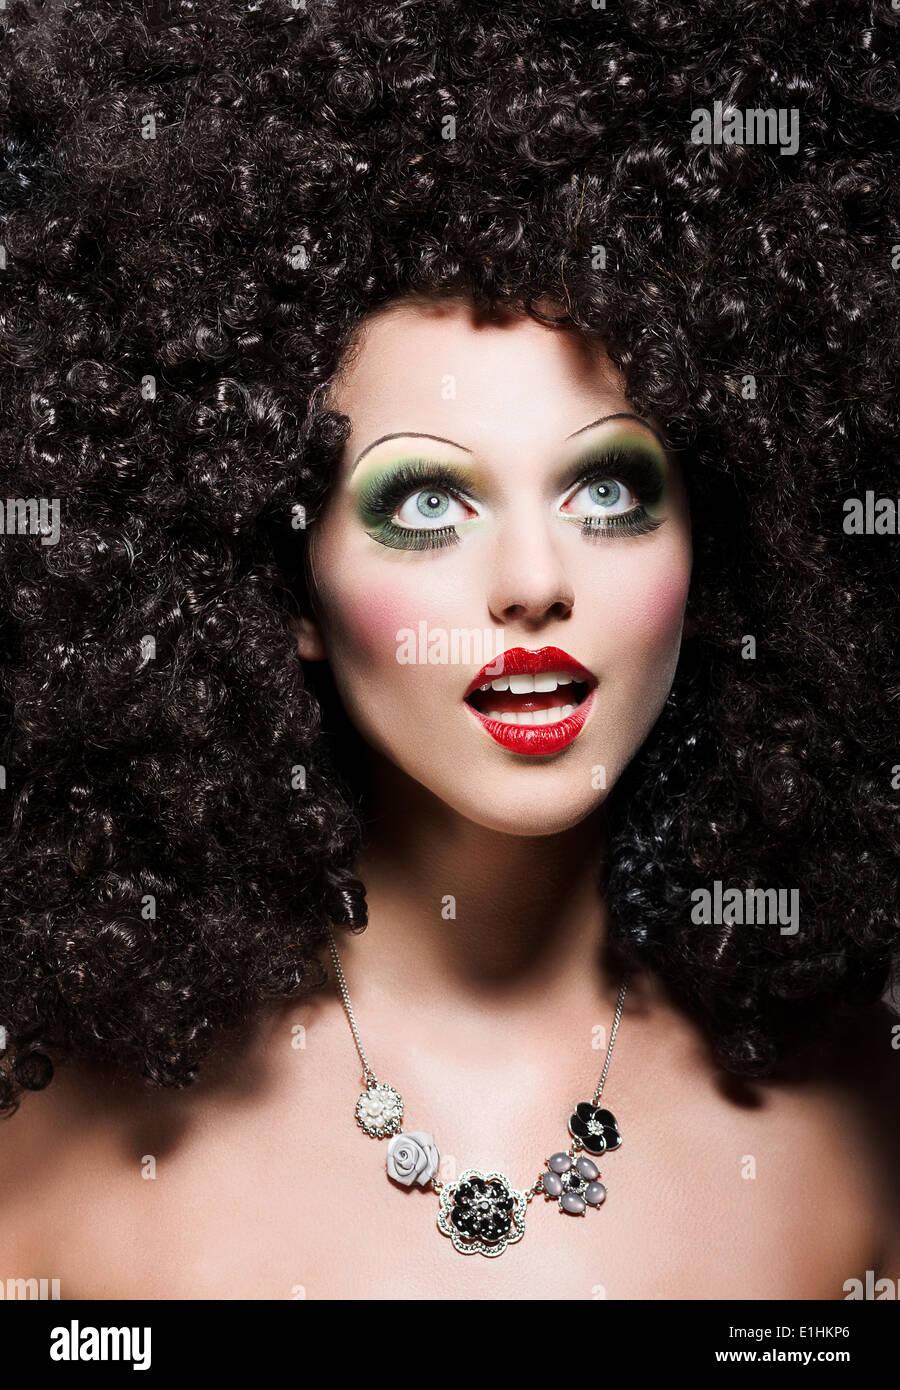 La creatividad. Las emociones teatrales. Mujer con fantásticas Coiffure parece Doll Imagen De Stock